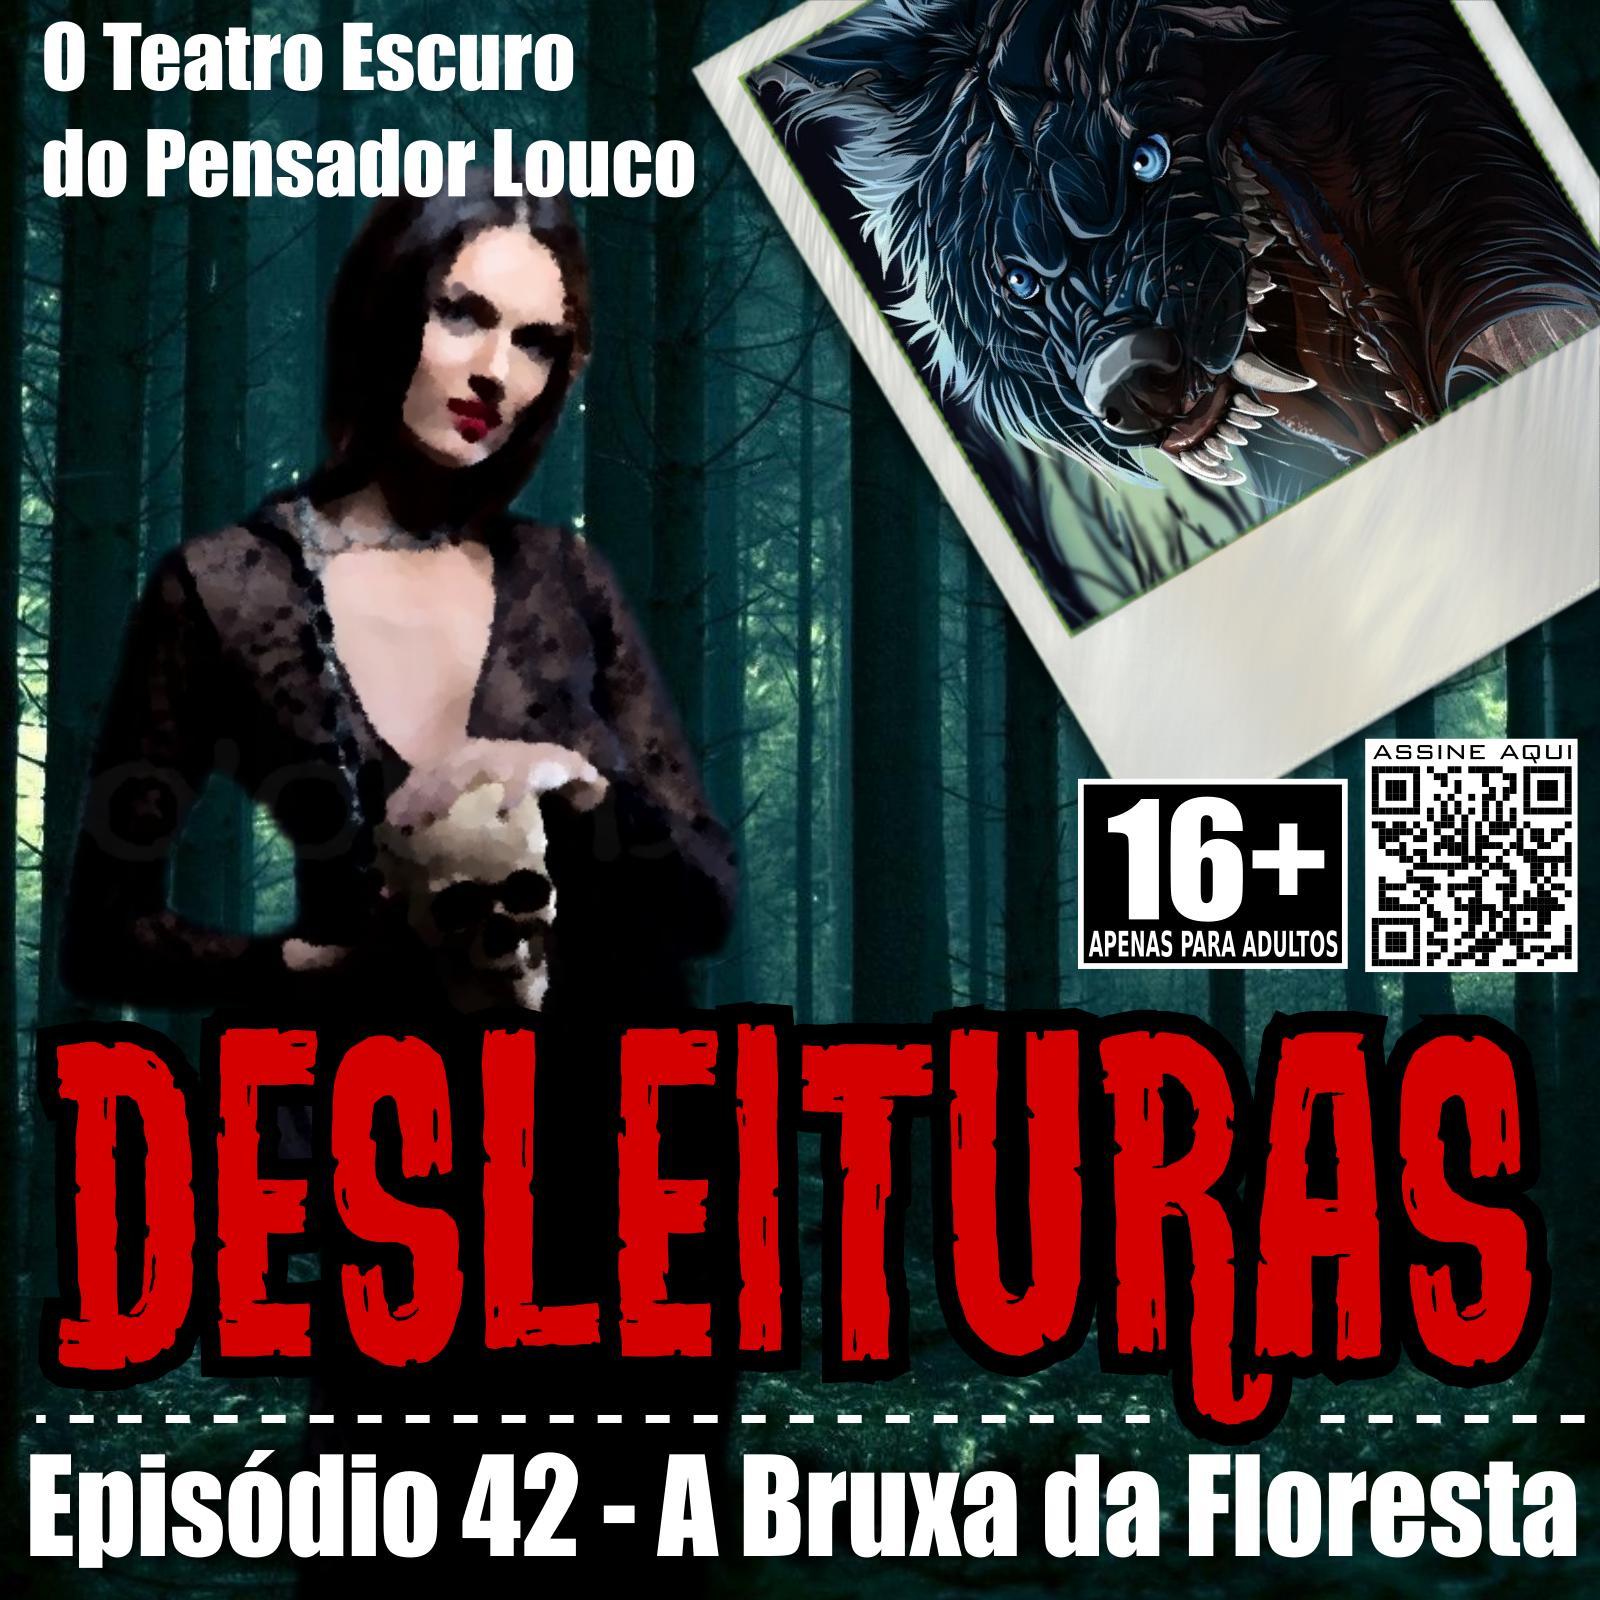 Desleituras 42 - A Bruxa da Floresta - parte I